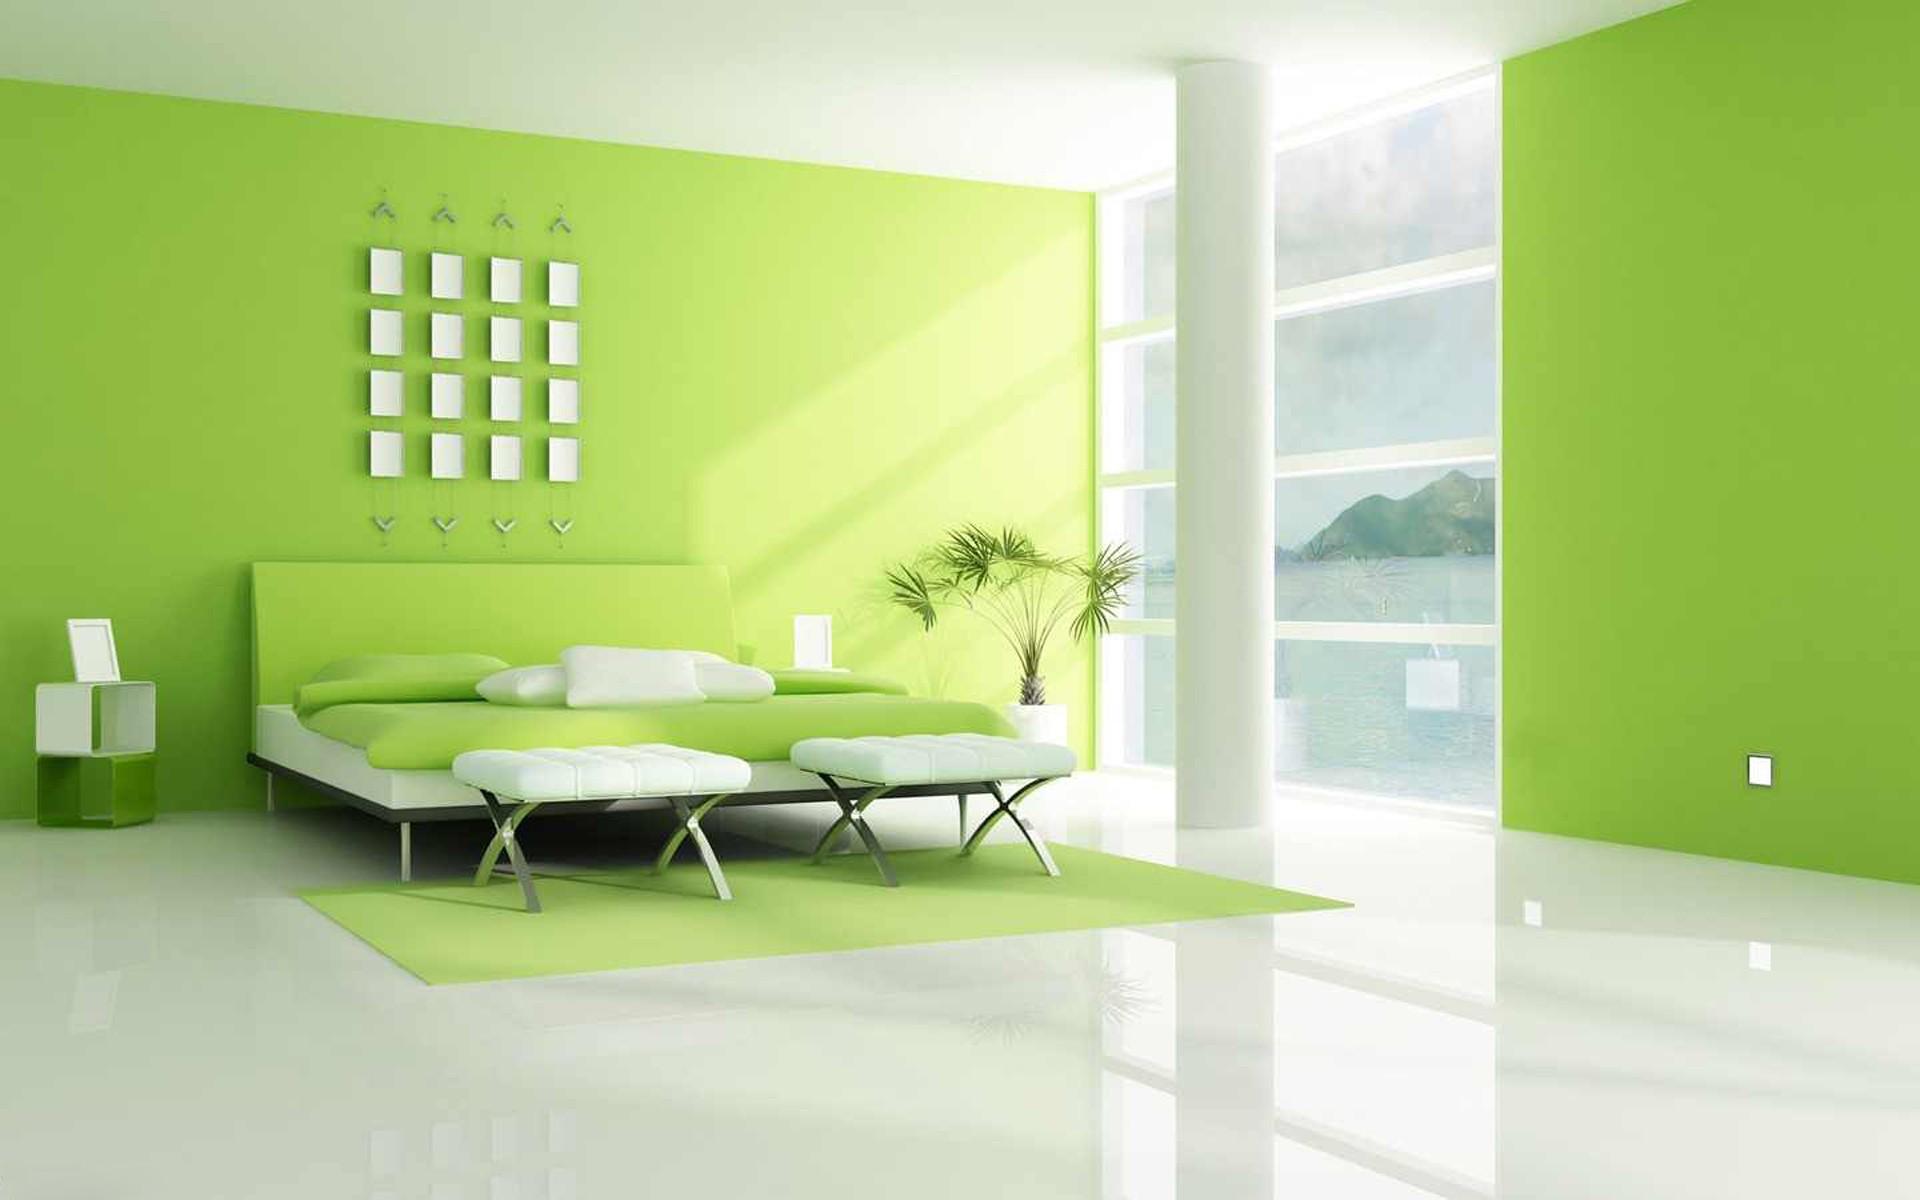 Una sala color verde - 1920x1200